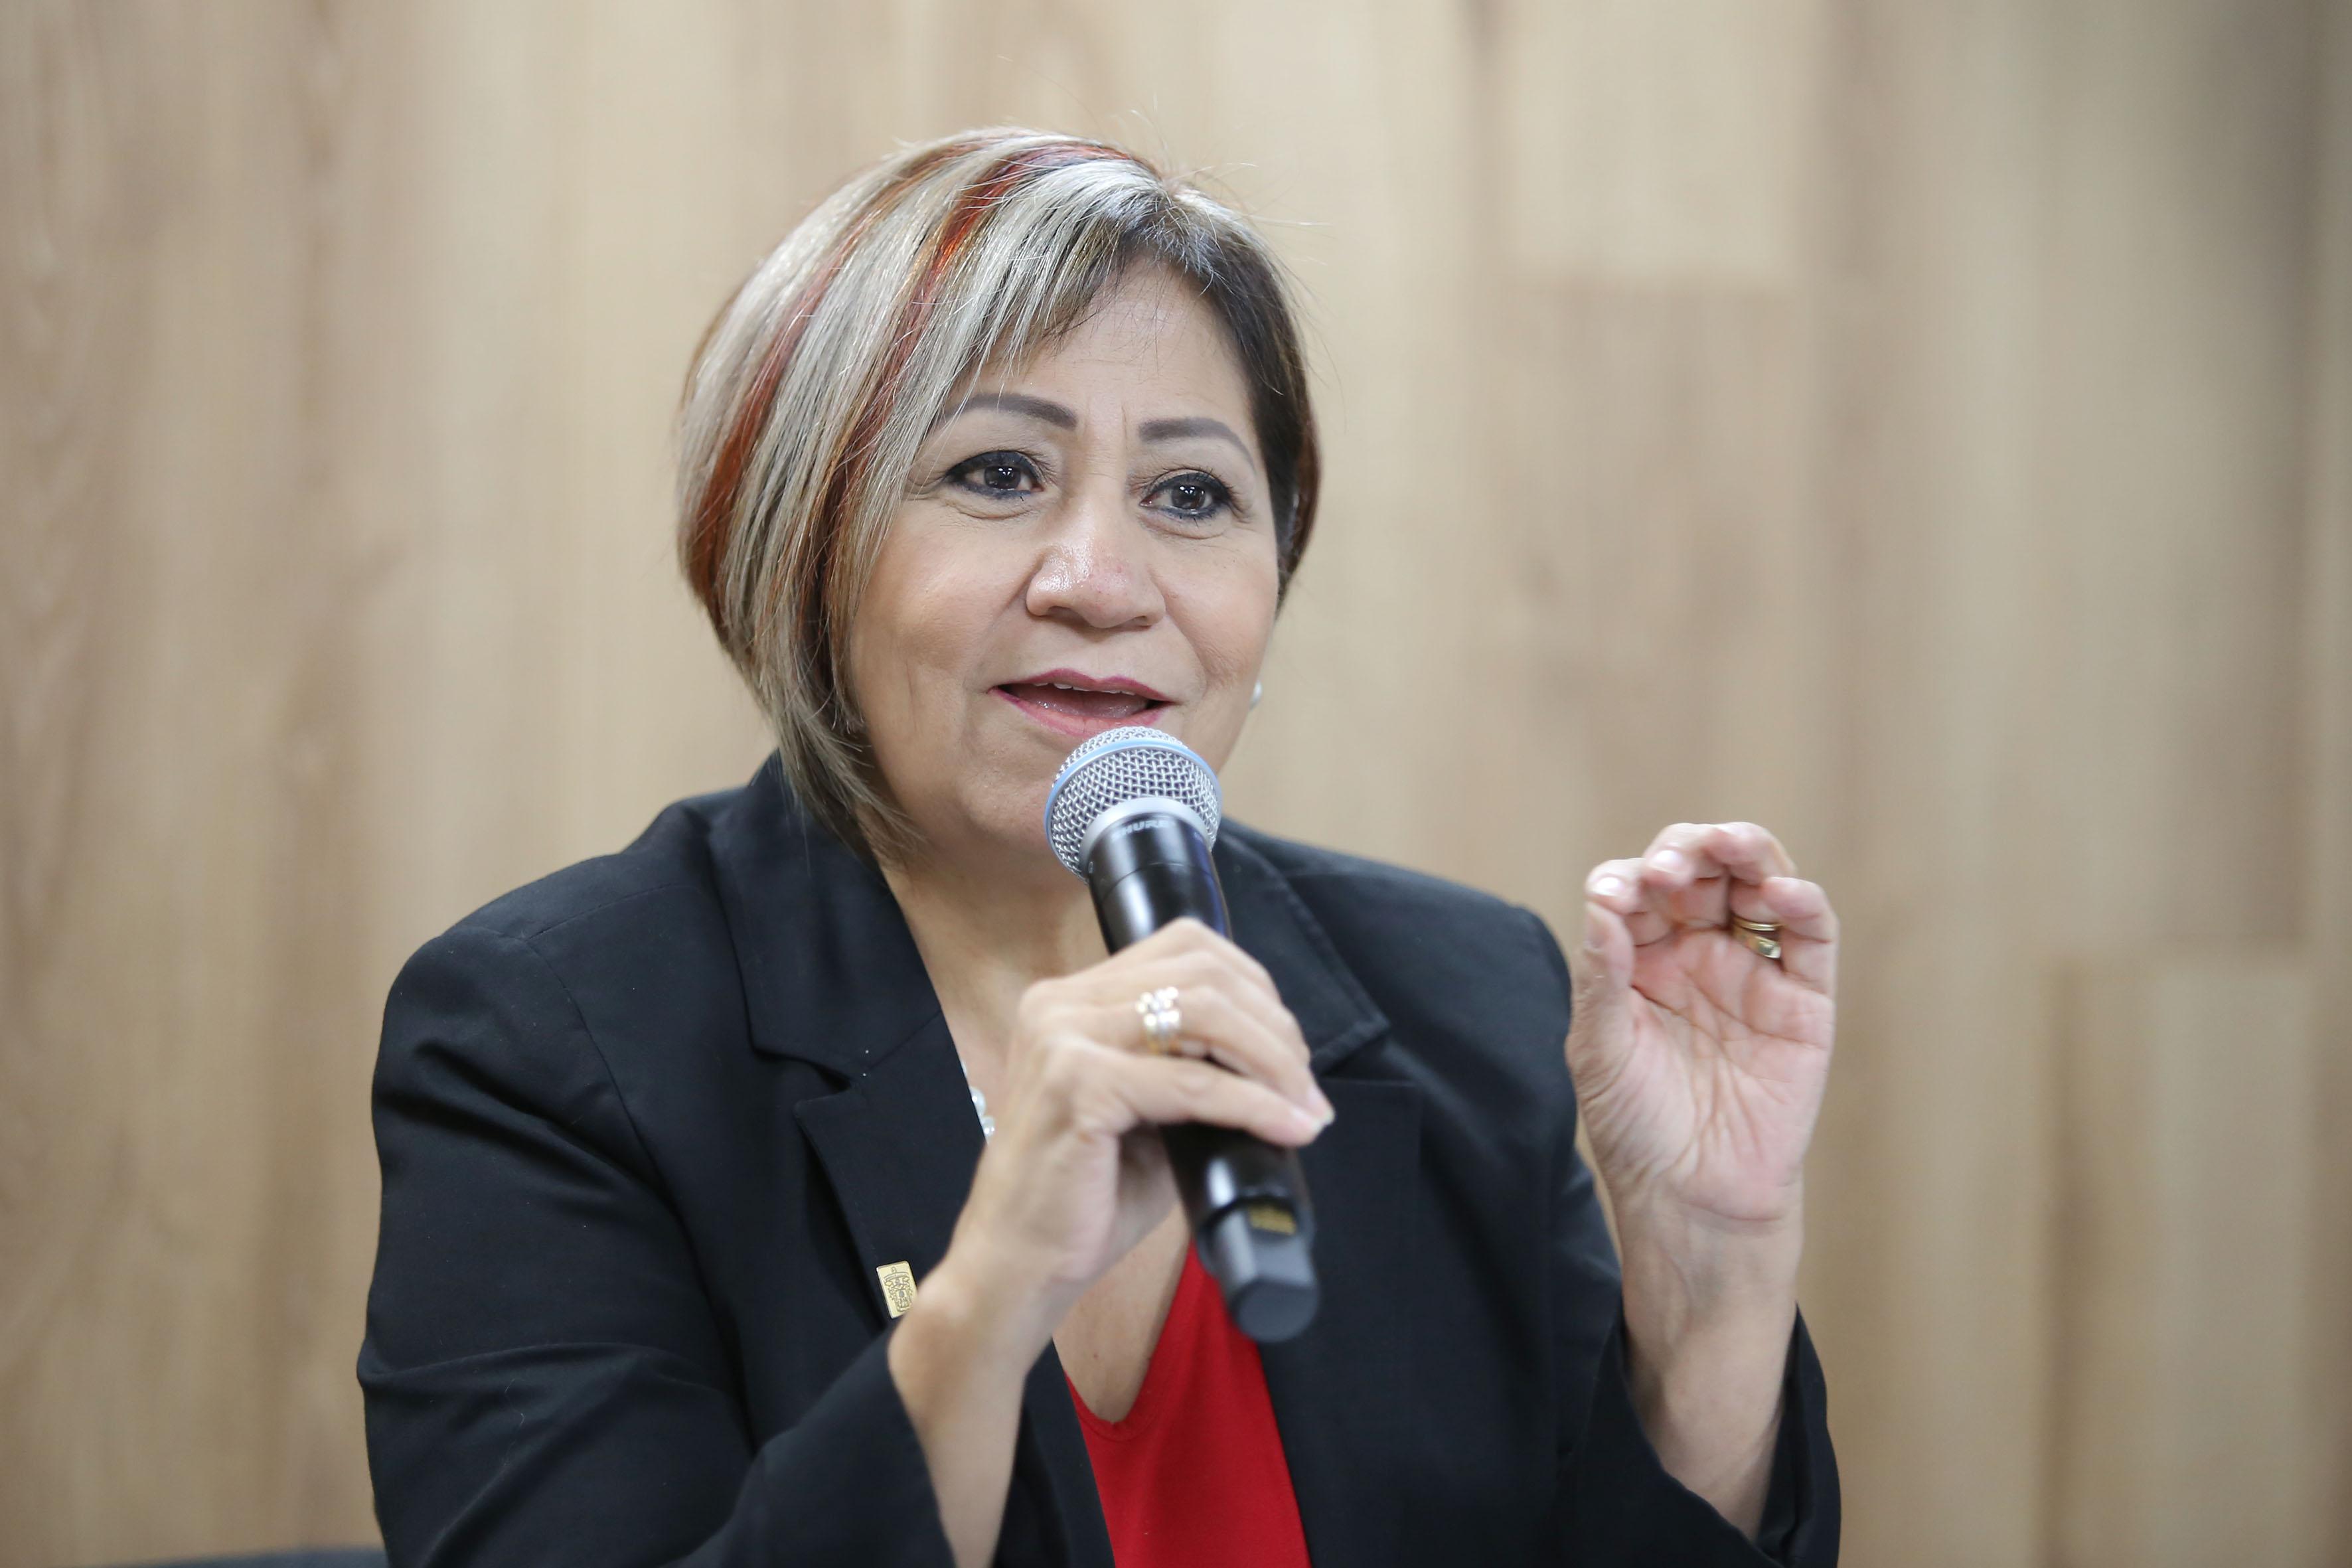 Maestra Rosa Eugenia Velasco Briones, titular de la Coordinación de Vinculación de Servicio Social (CVSS), participando en rueda de prensa.